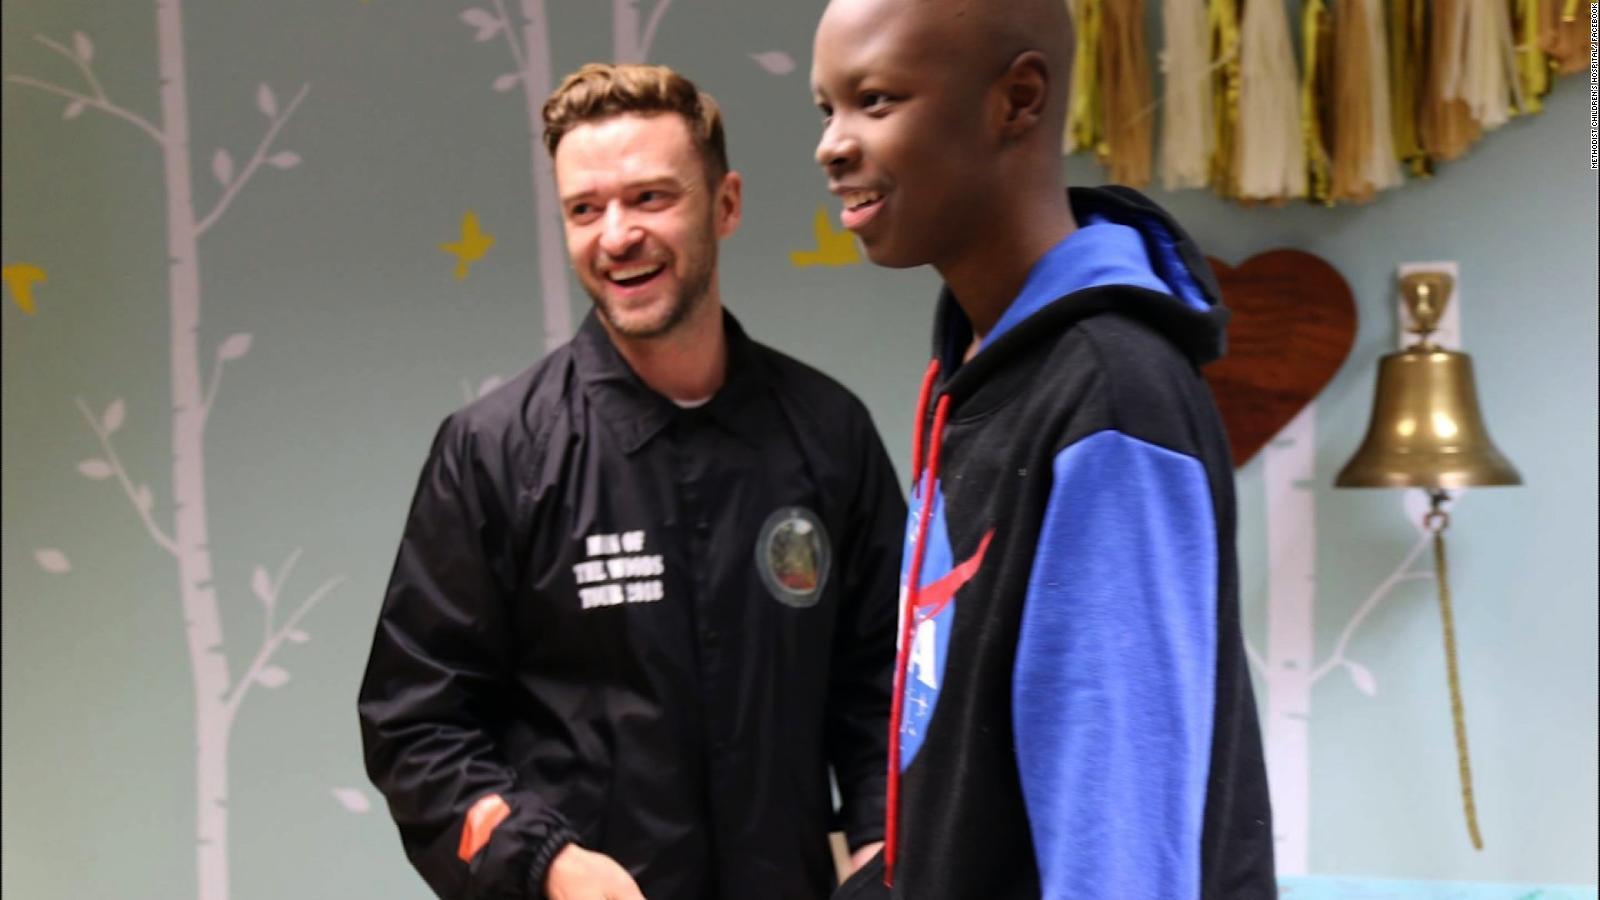 Justin Timberlake surprises kids at hospital